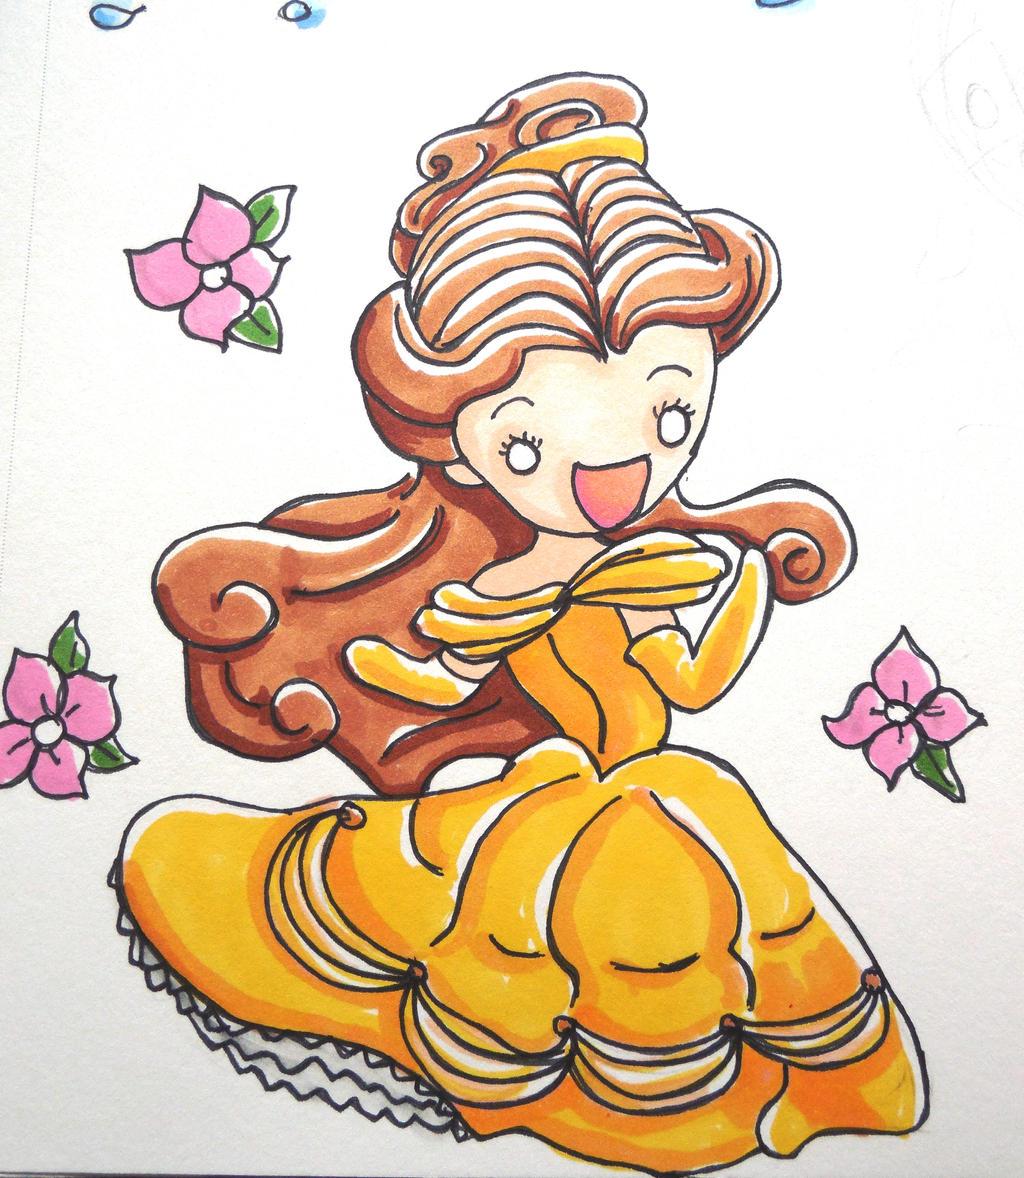 Belle by evangeline40003